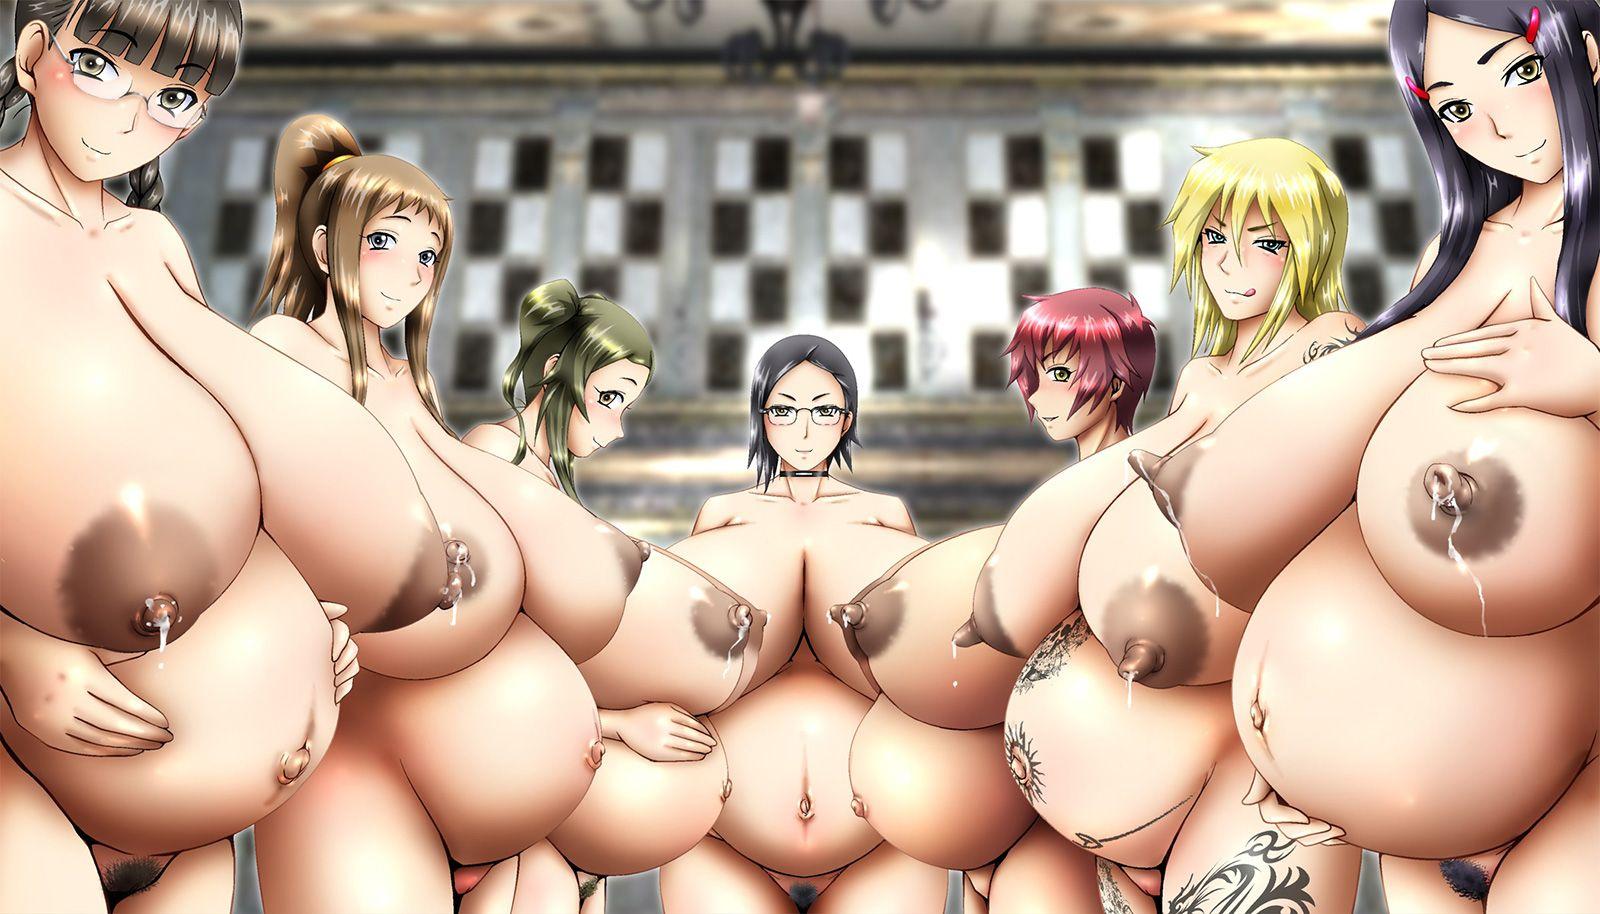 【まるで産婦人科】ボテ腹妊婦が複数並んでる二次エロ画像【37】